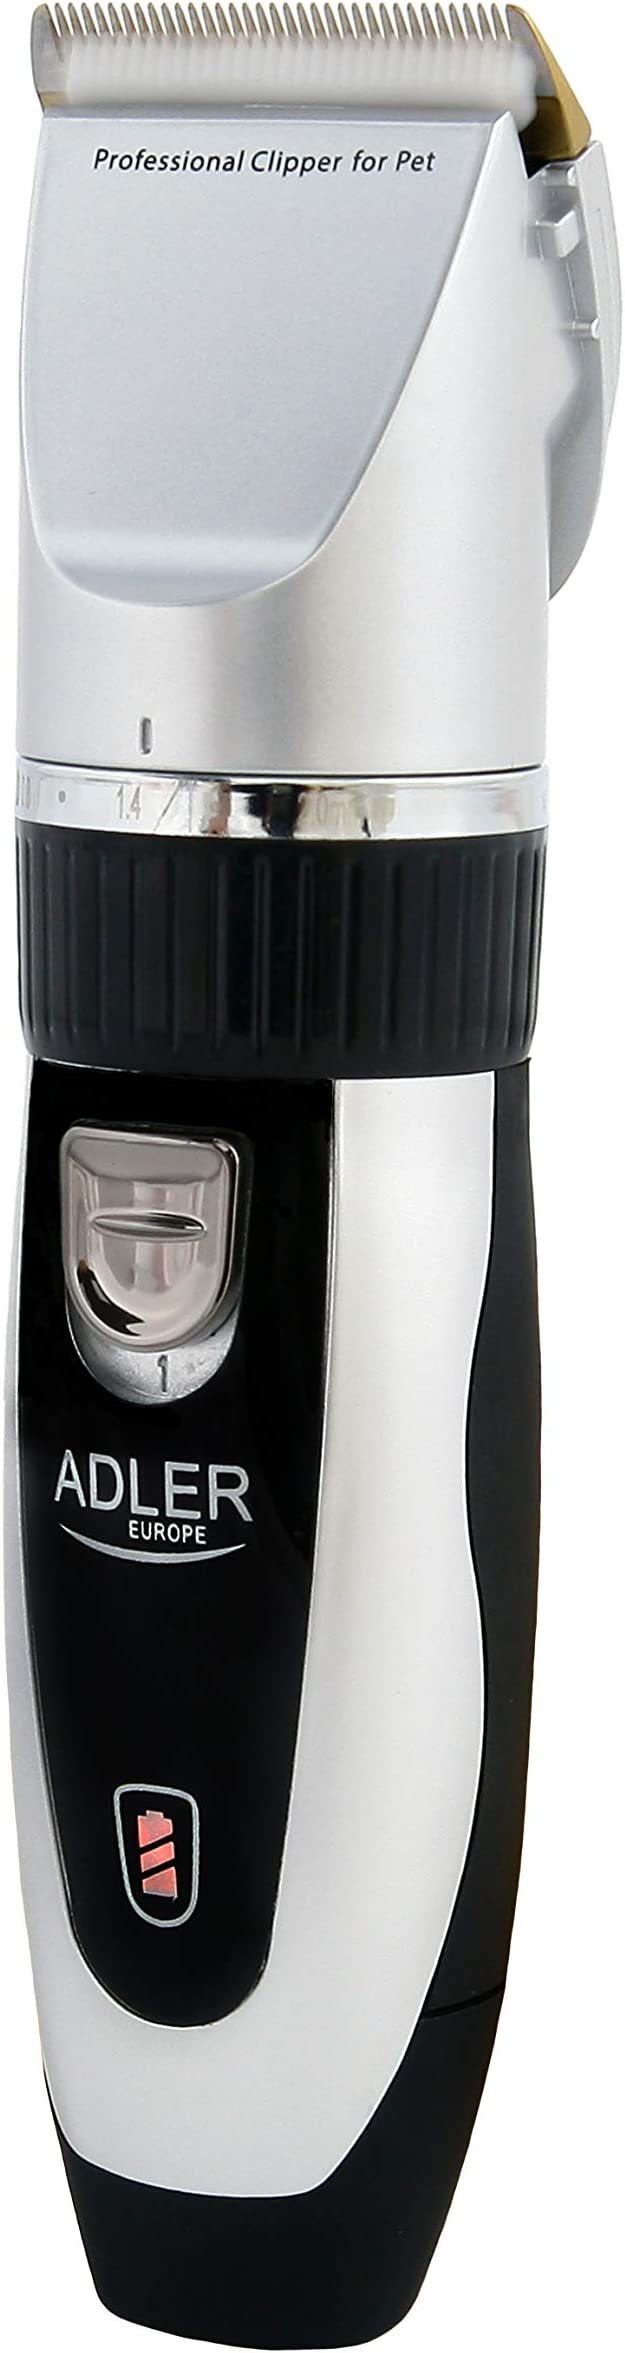 Adler Europa Afeitadora Adler Mascotas Ad 2823: Amazon.es: Salud y ...